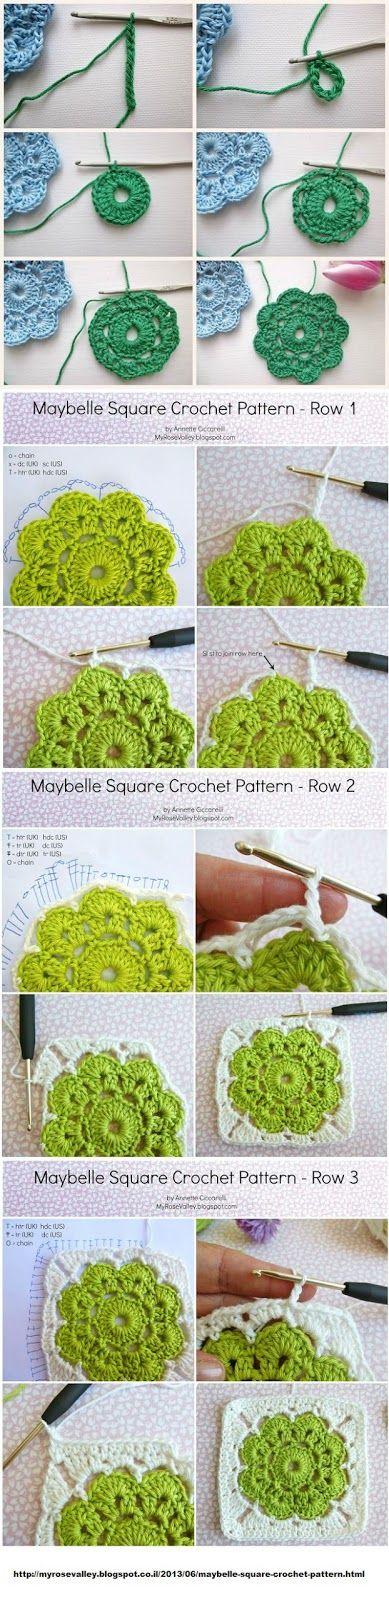 FIFIA CROCHETA blog de crochê : quadradinho de crochê com flor